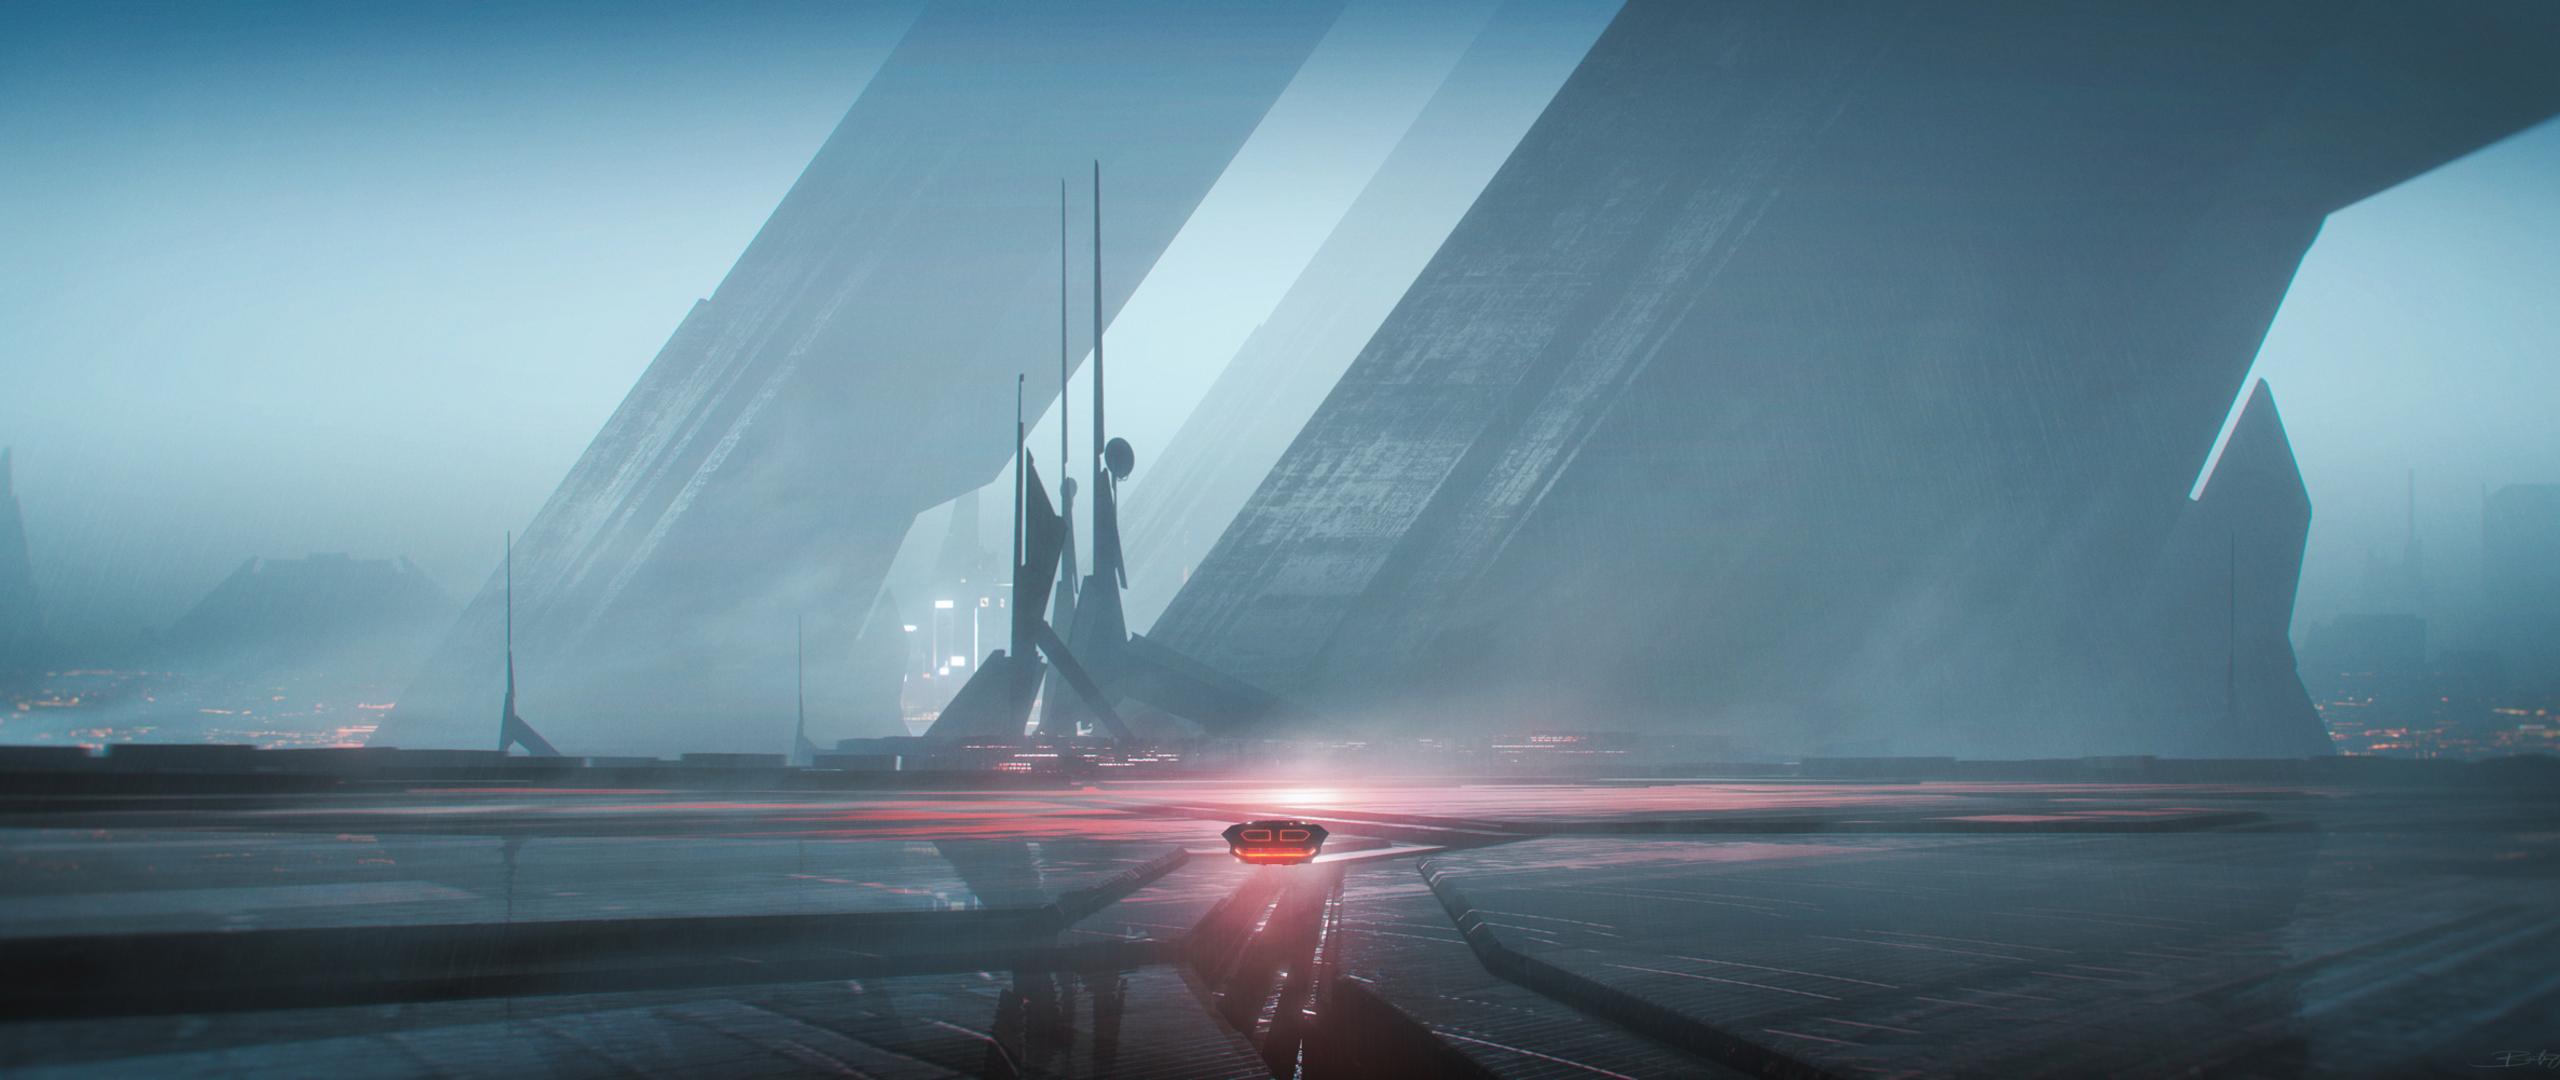 2560x1080 Blade Runner 2049 Artwork HD 2560x1080 ...